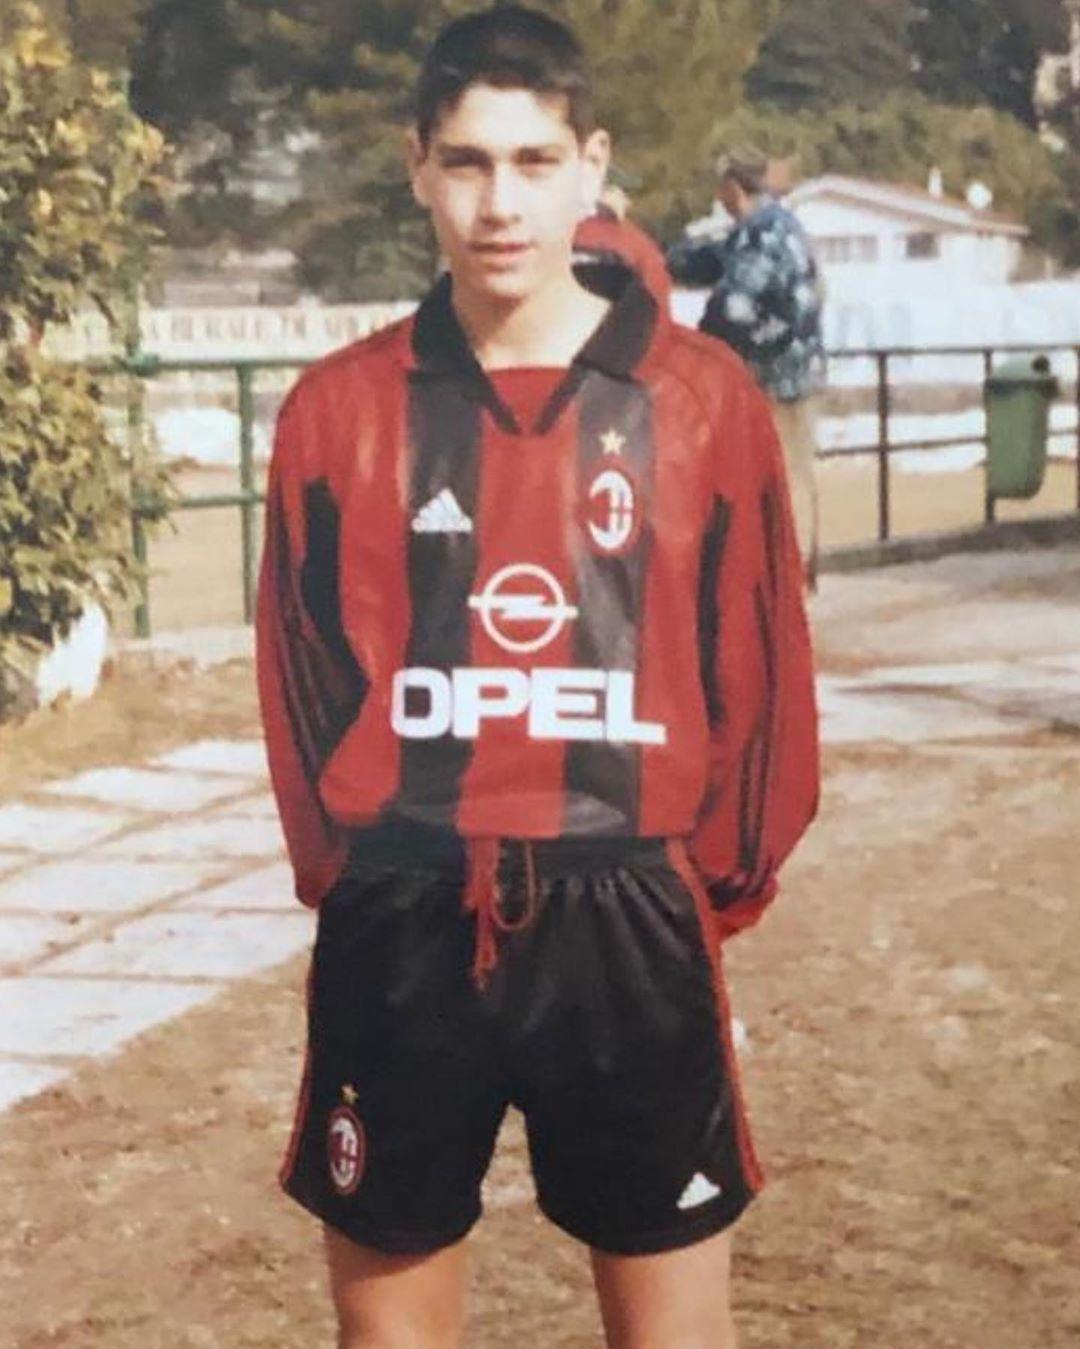 Marco Borriello, calciatore italiano professionista ritiratosi nel 2019